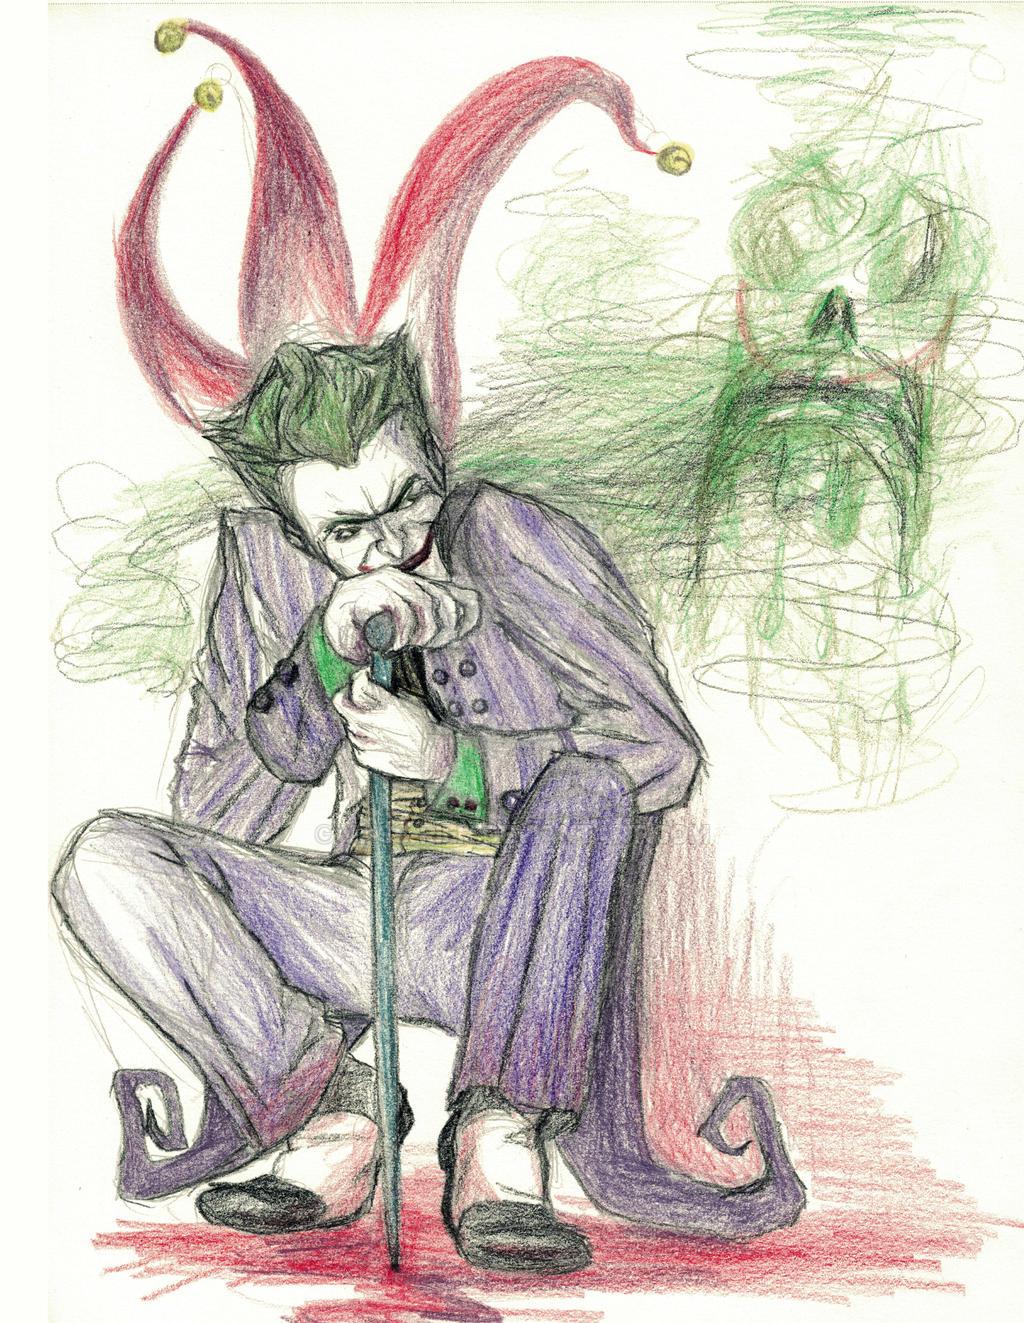 The Grim Jester